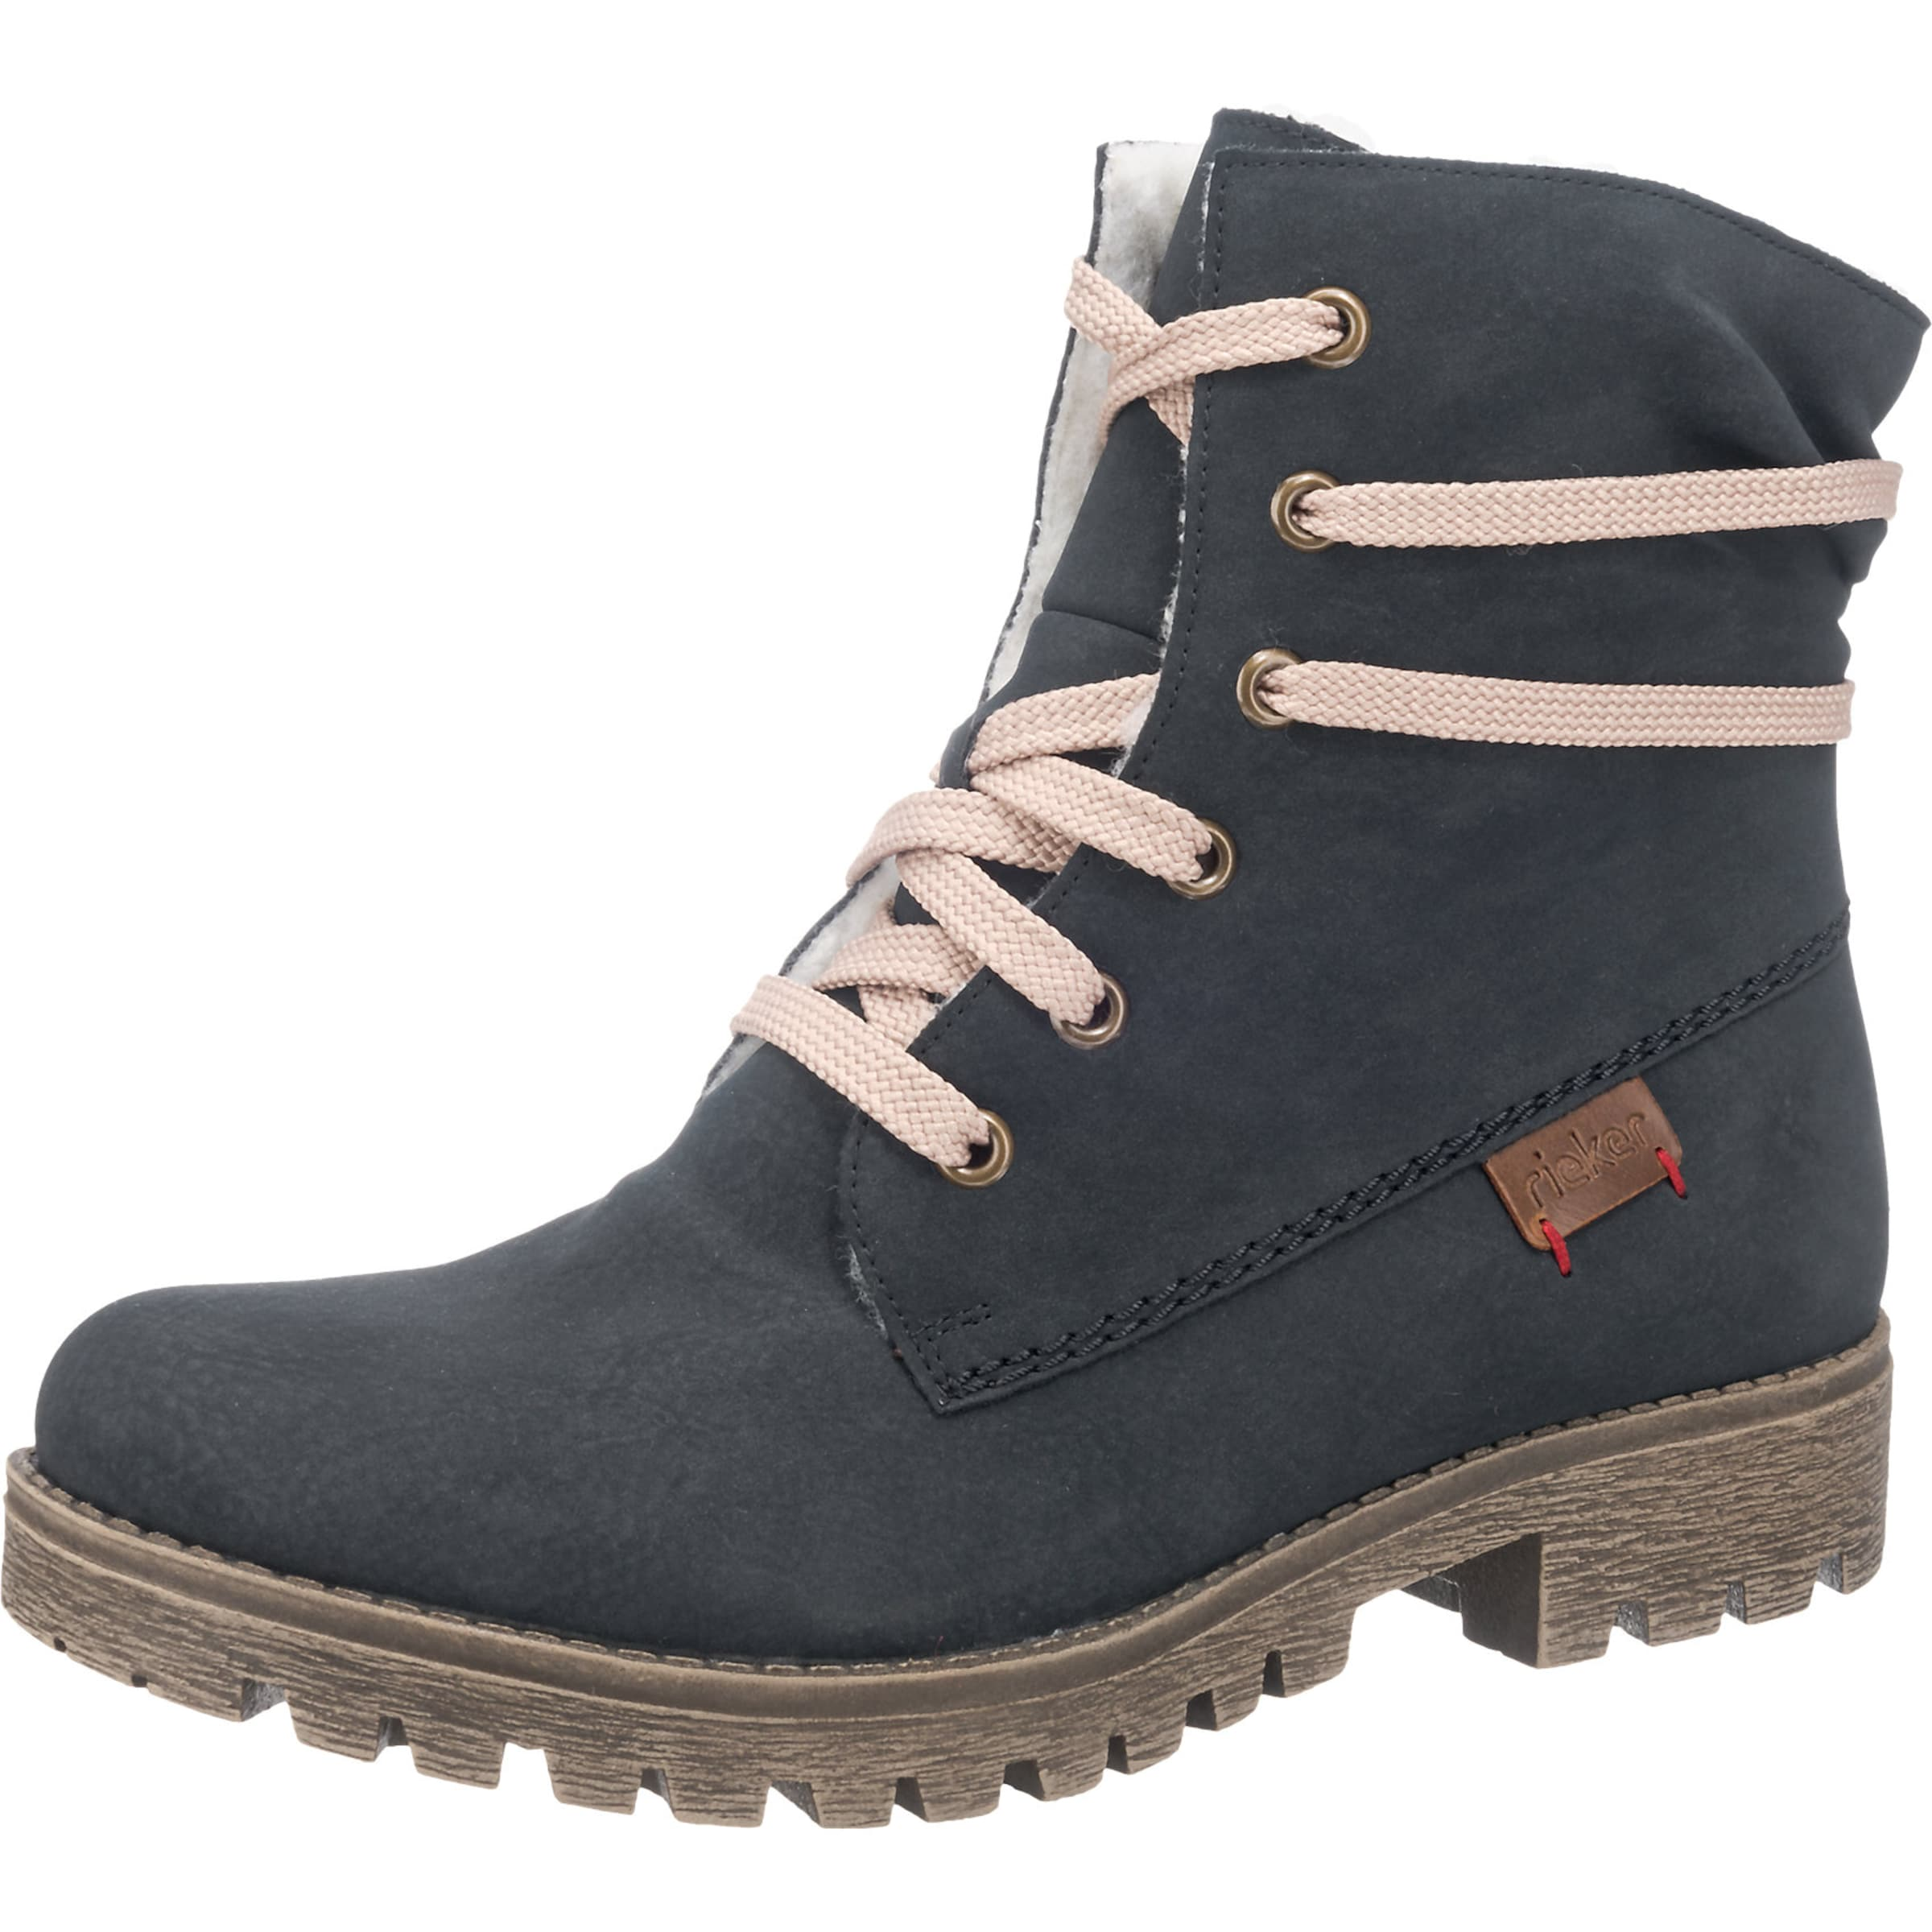 Boots Boots Rieker En Nuit En Rieker Rieker Bleu Nuit Bleu vN8Owm0n